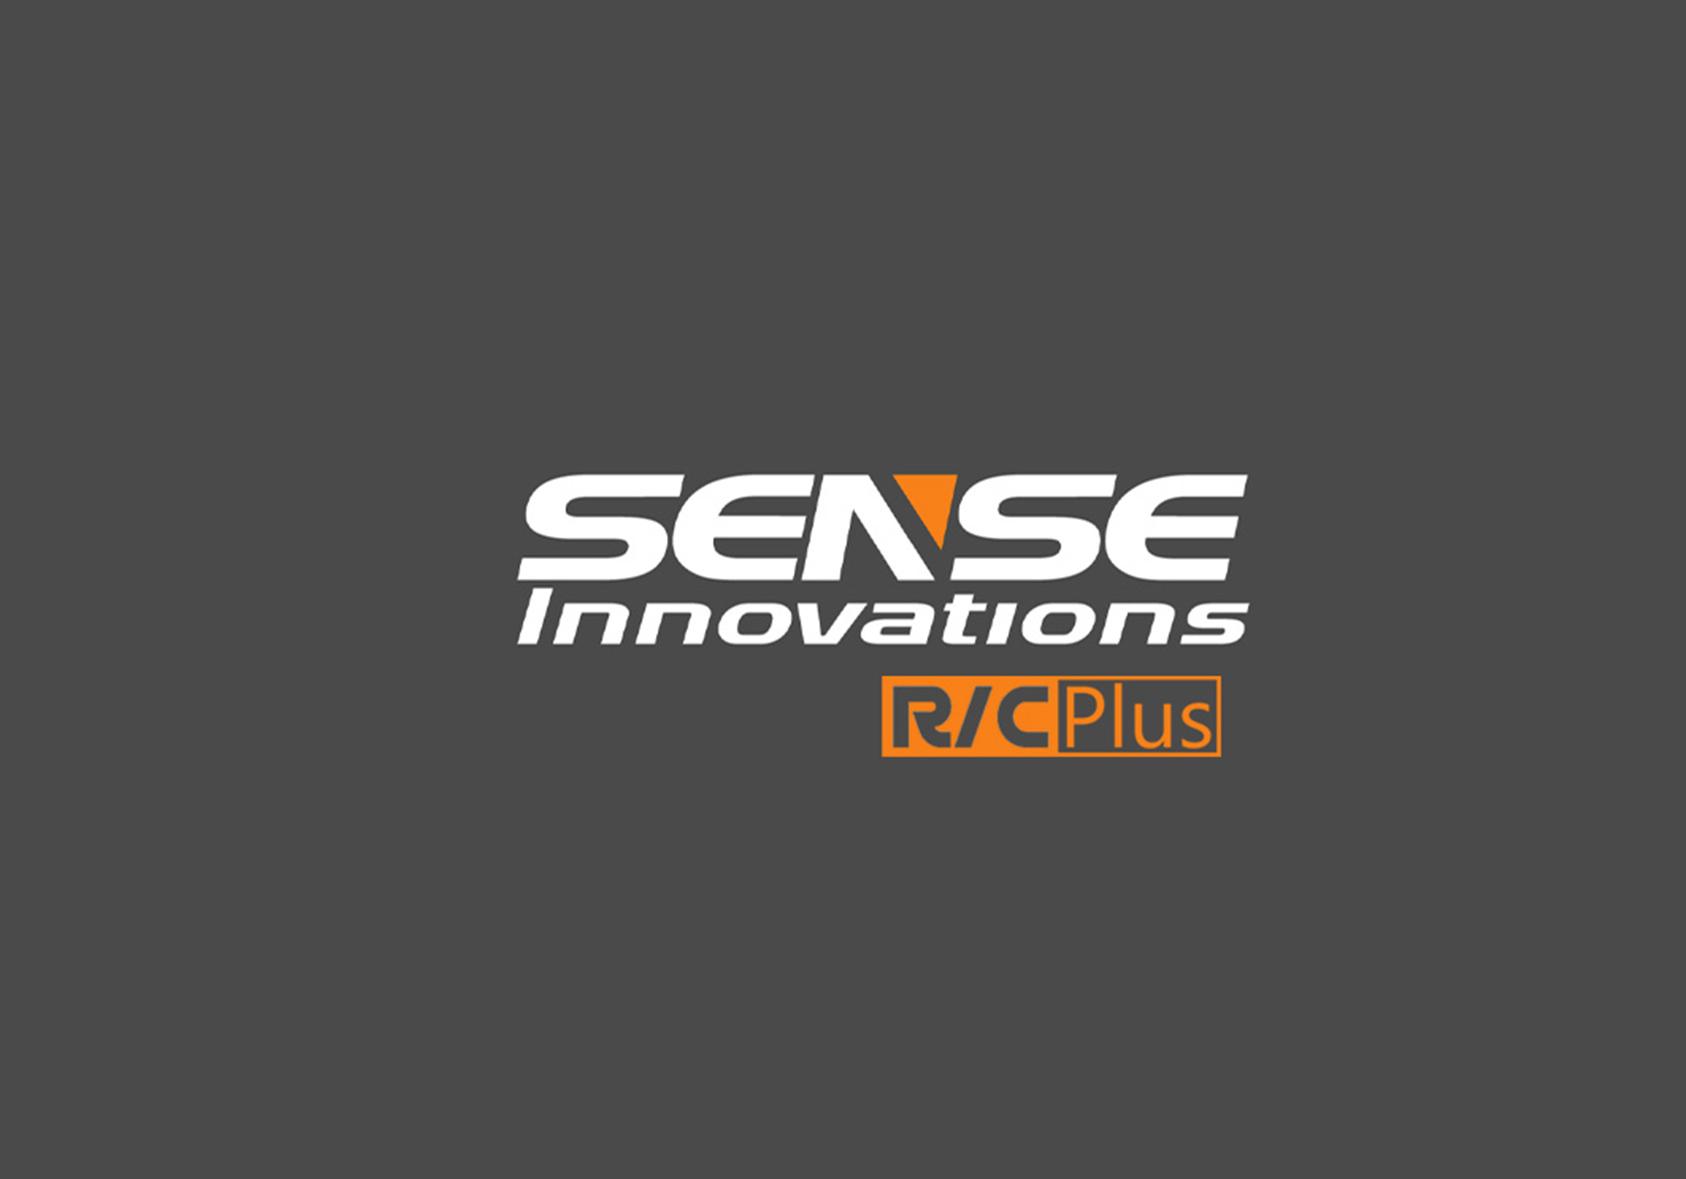 Sense Rc Plus 软件演示